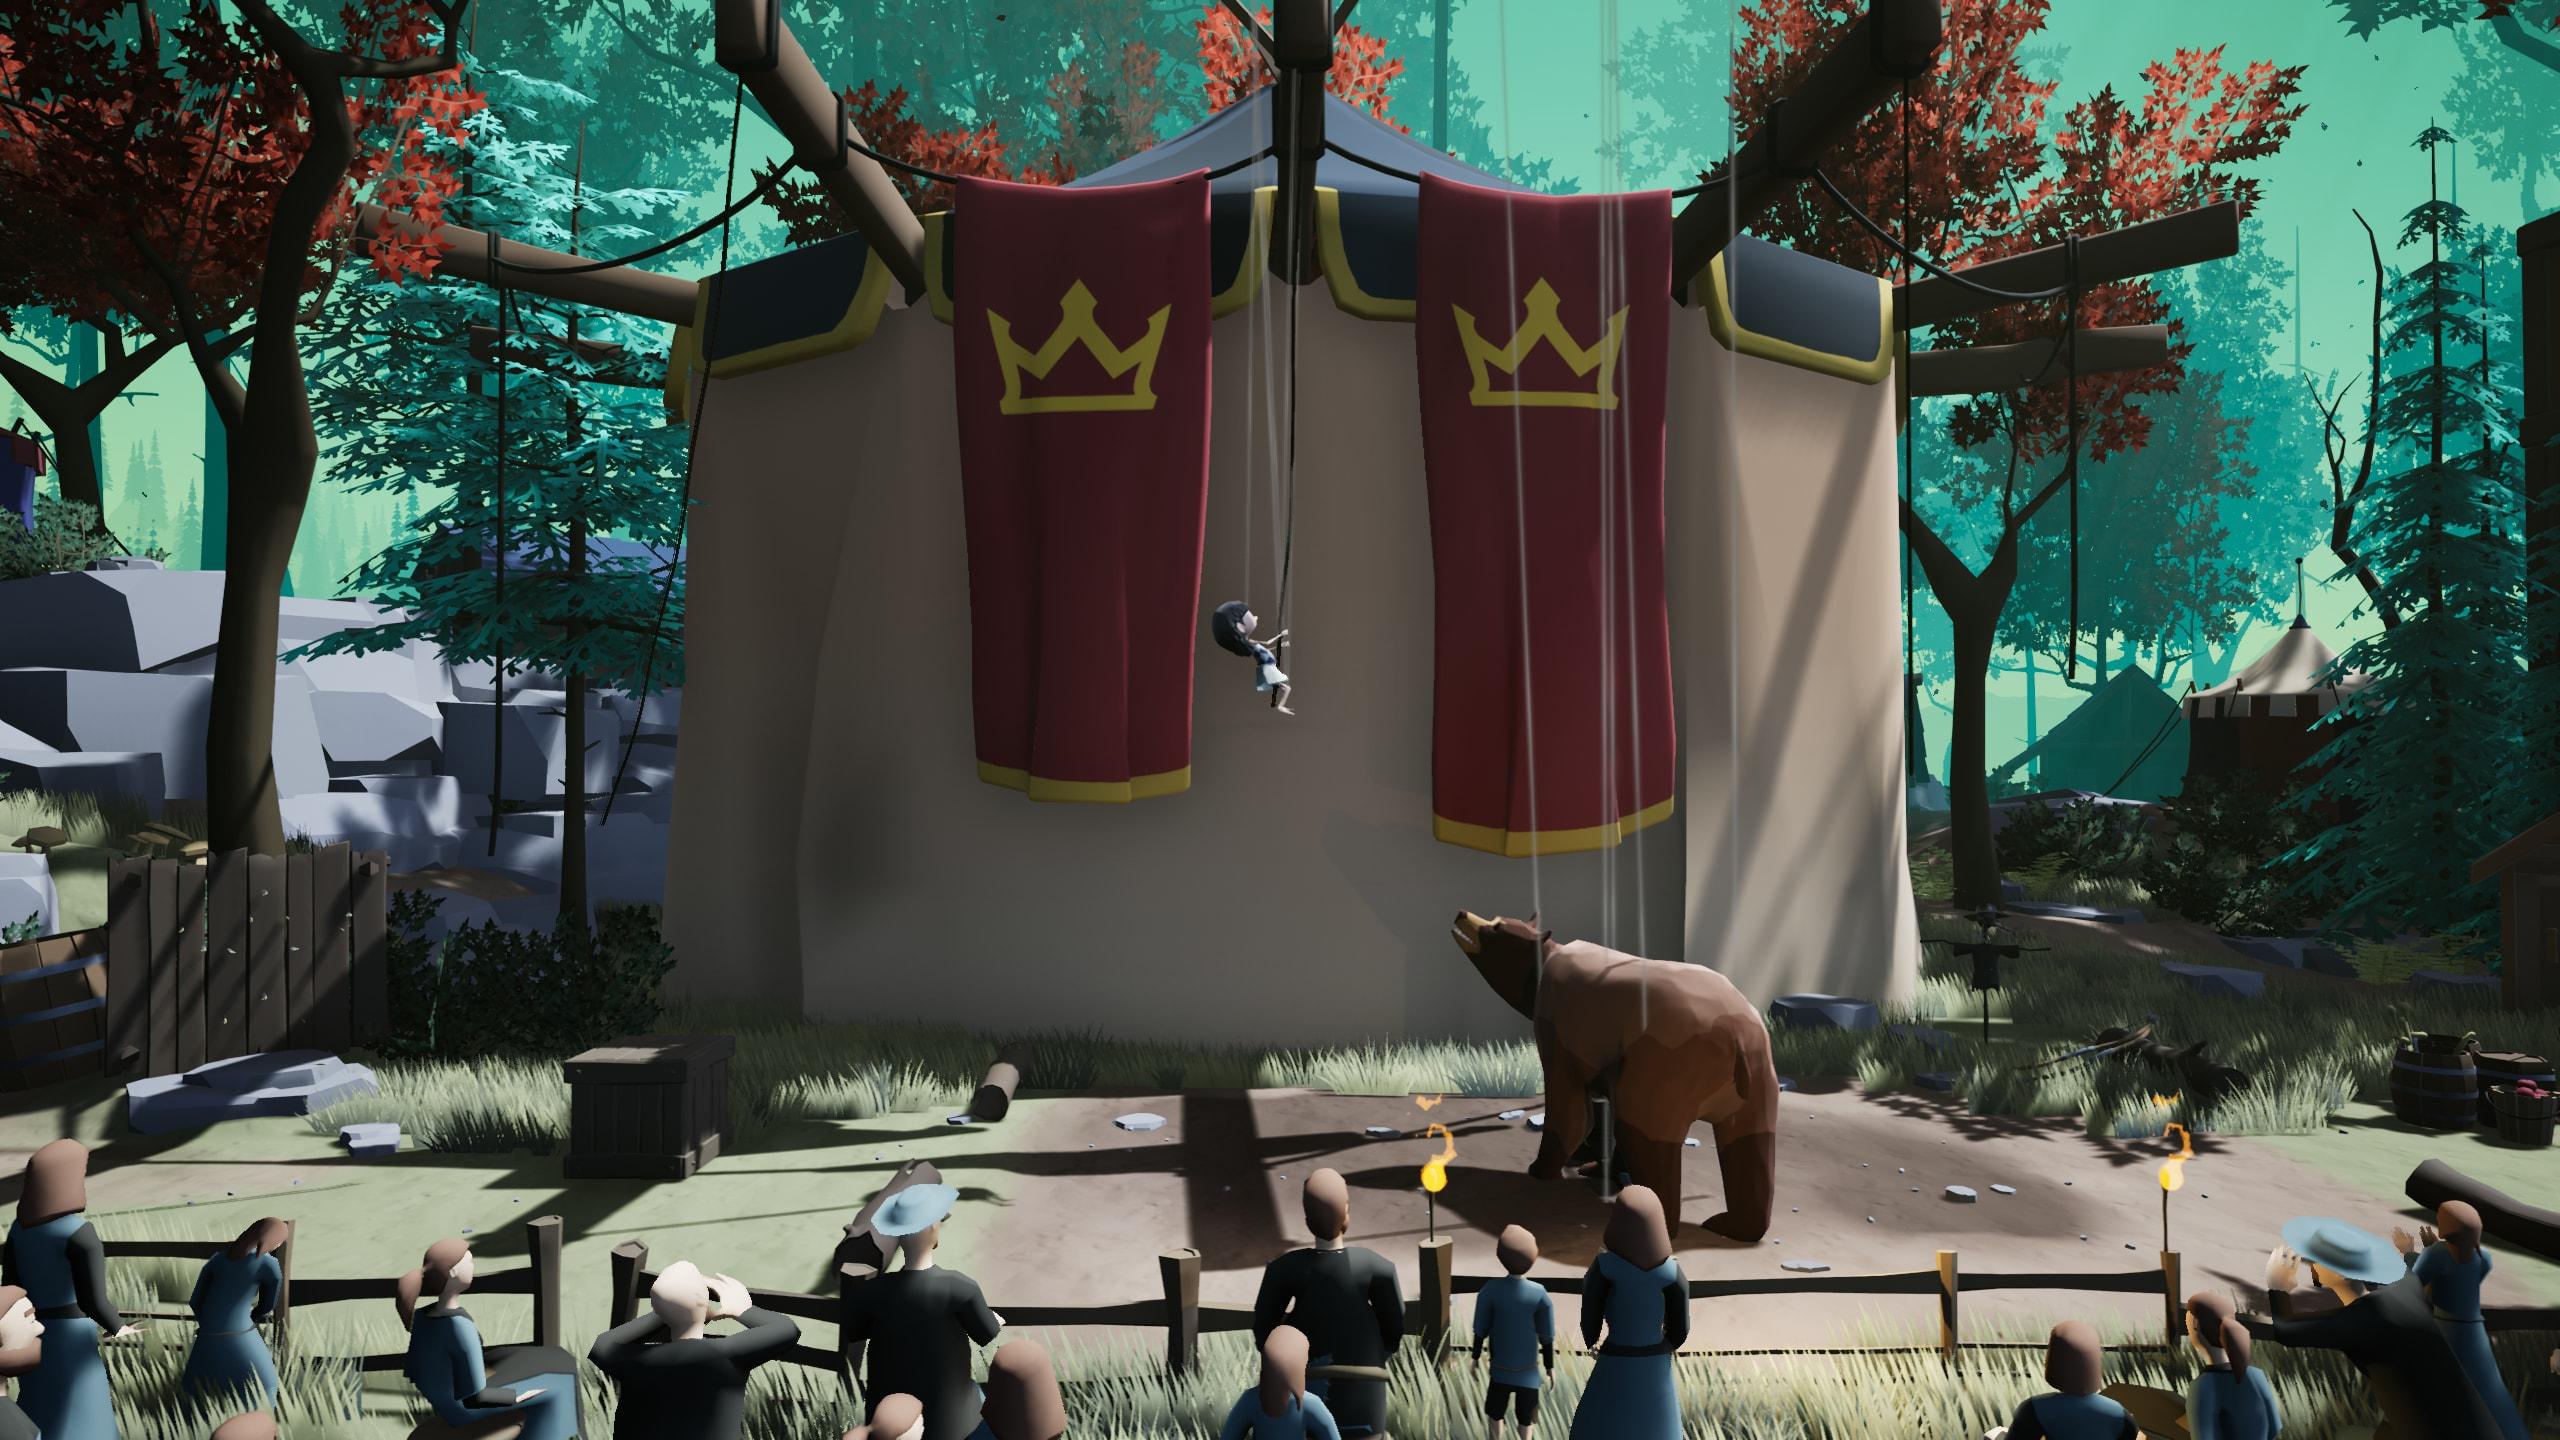 Инди-игра A Juggler's Tale нашла издателя. Релиз на PC и консолях намечен на 2021-й год